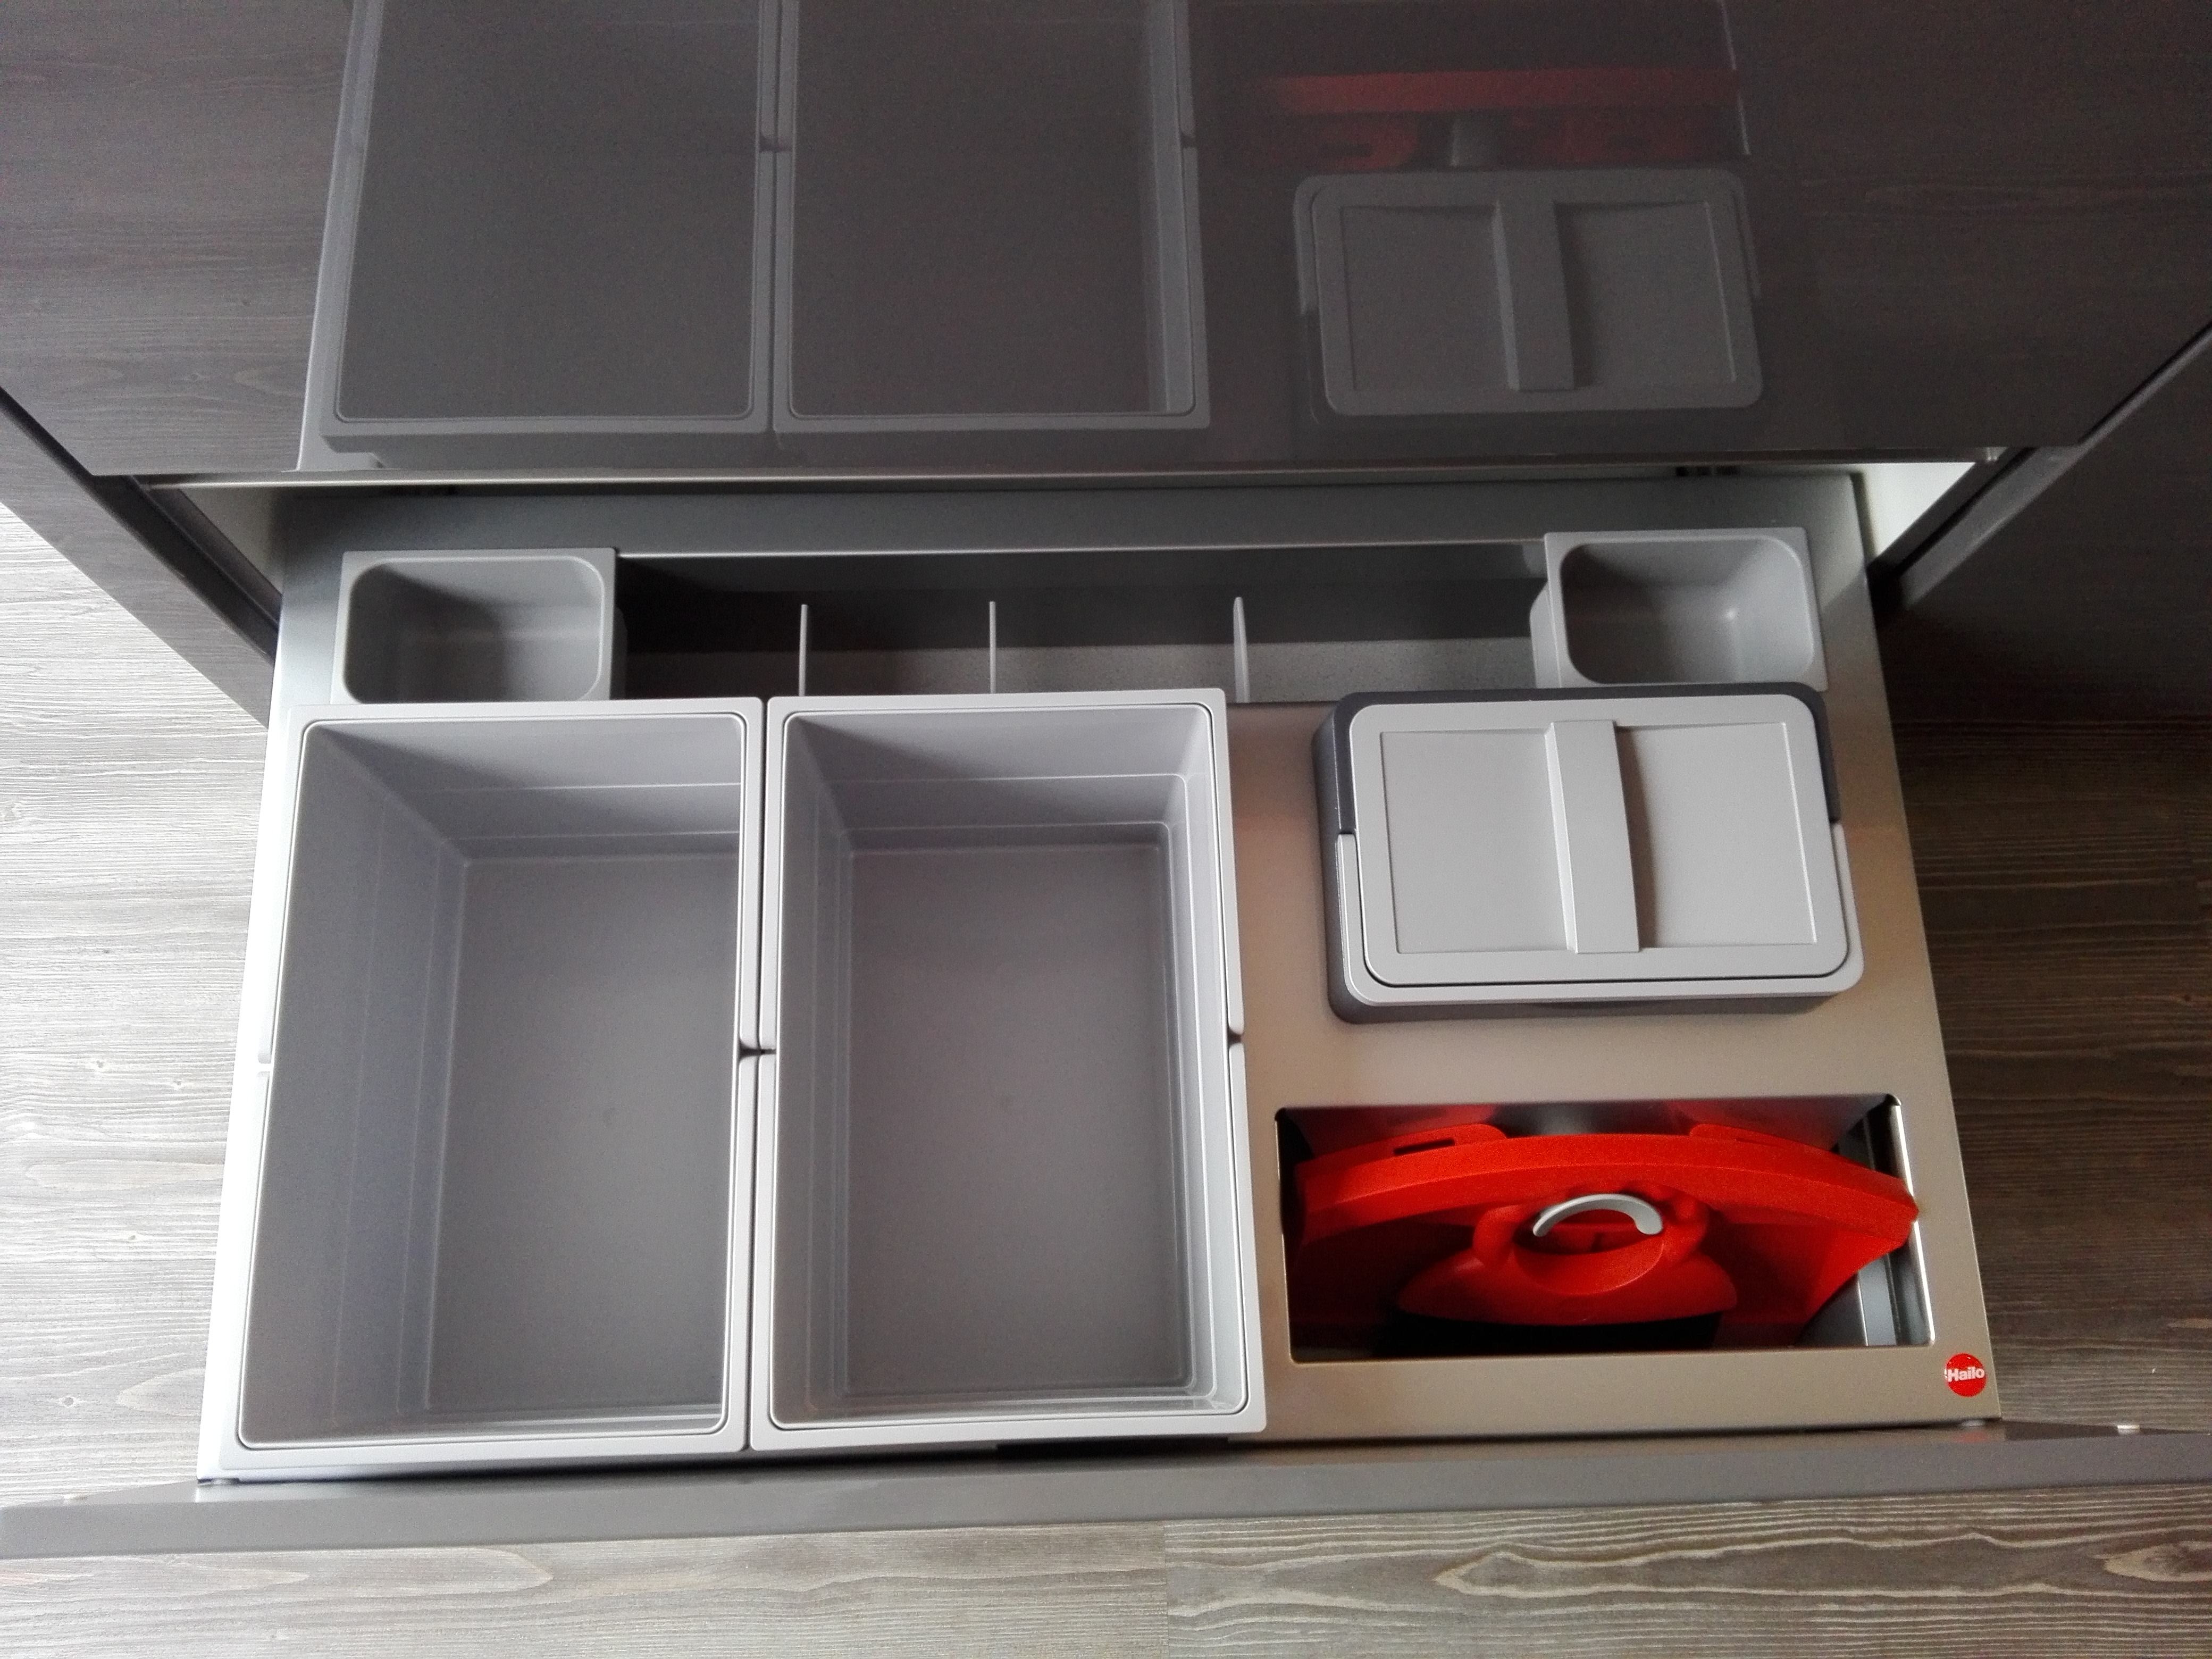 """Küche 6 - Abfalltrennung im Spülenunterschrank integriert, als """"Schmankerl"""" ist das Kehrblech mitsamt Handfeger ebenfalls dort untergebracht"""